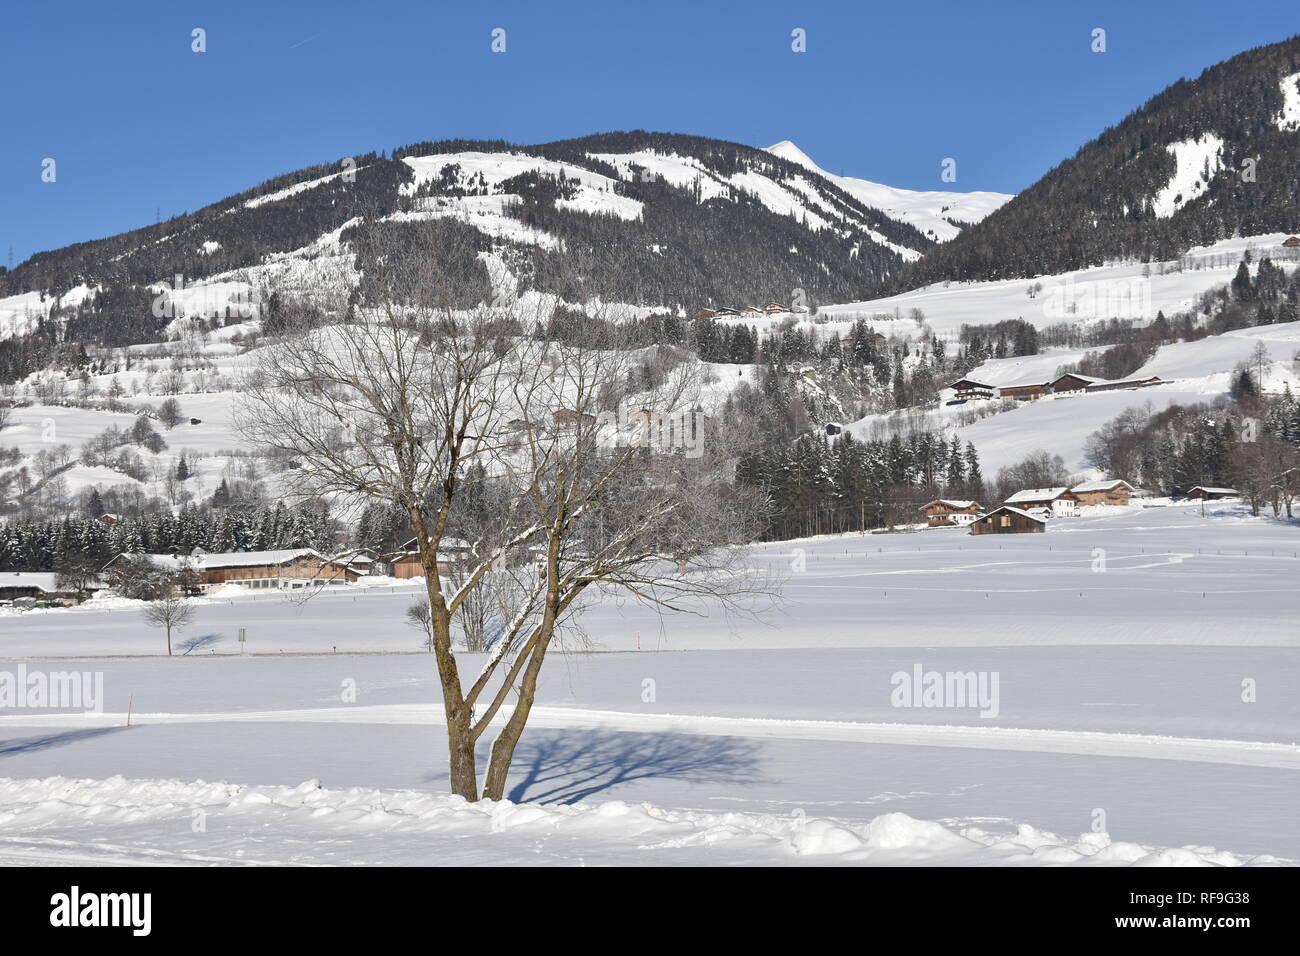 Pinzgau, Salzach, Salzburg, Österreich, Winter, Schnee, Eis, vereist, Loipe, Langlaufen, Niedernsill, Lengdorf, Fluss, Nebel, Nebelschwaden, Dunst, - Stock Image